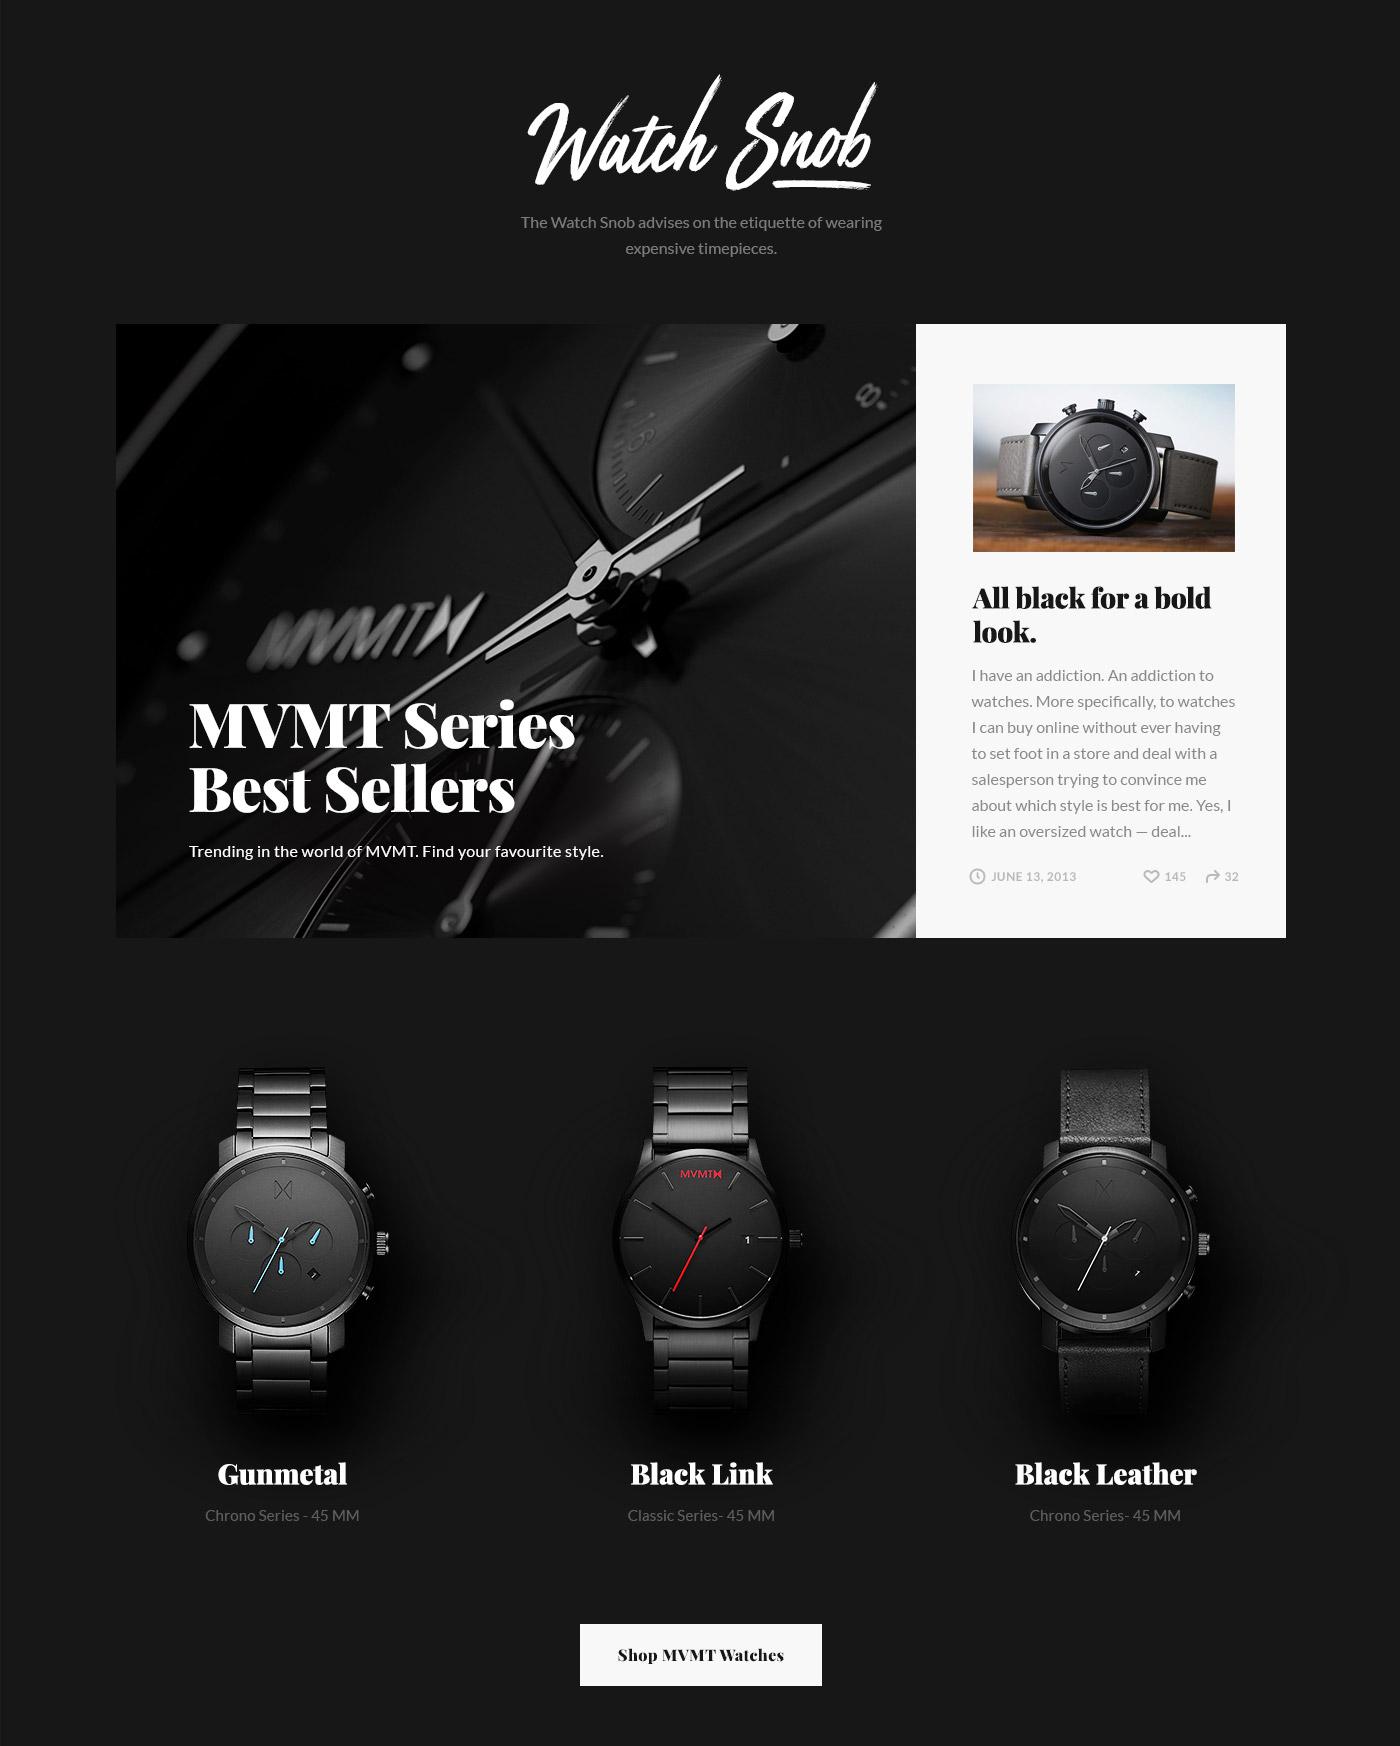 Askmen-brandedContent-watchSnob